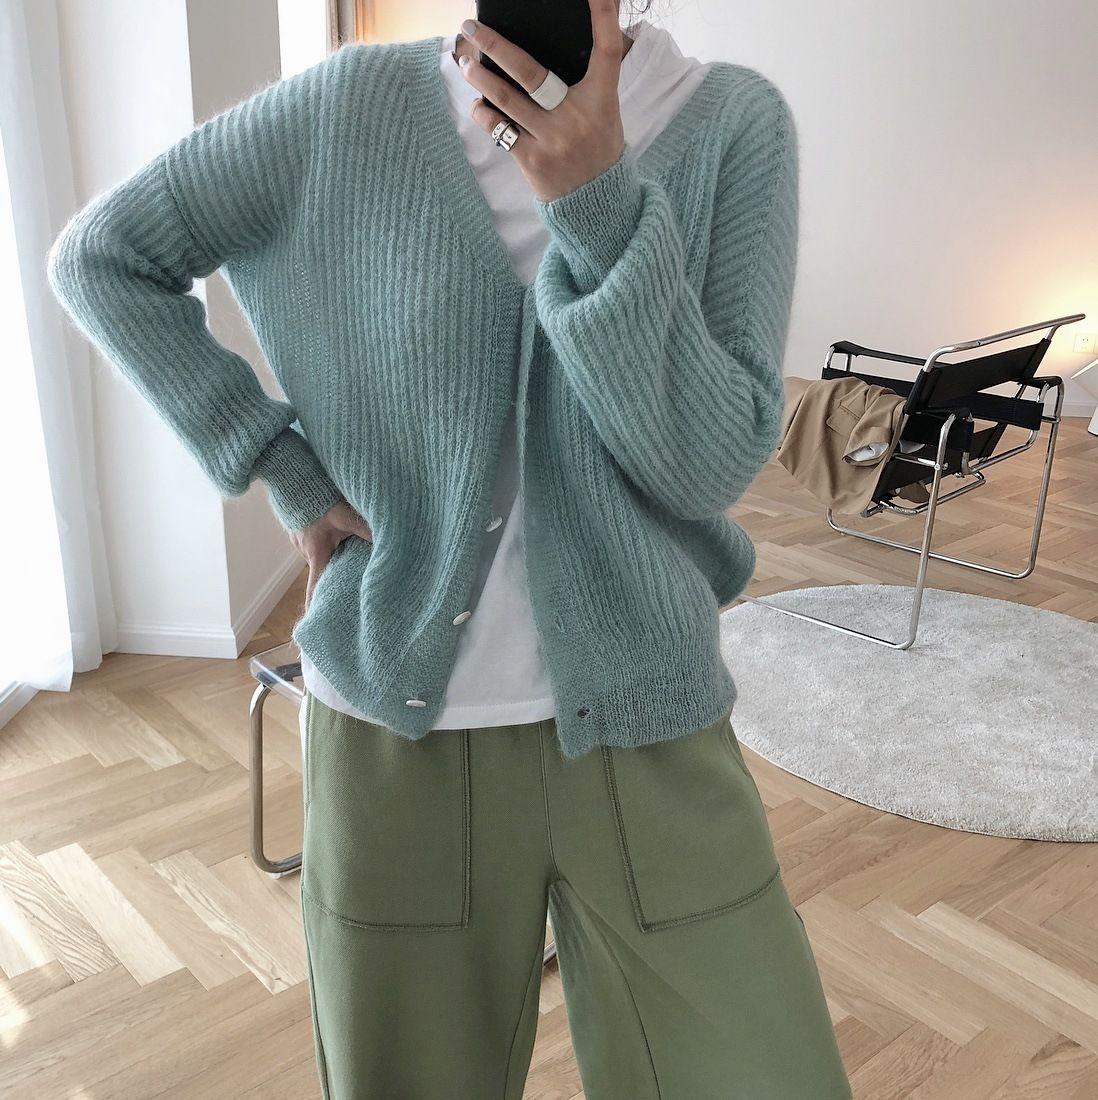 pnnDk Lufu Herbst neue koreanische bequeme Jacke Mohair Kragen lose faule Strickjacke Pullover Allgleiches gestrickten Jacke weich Frauen